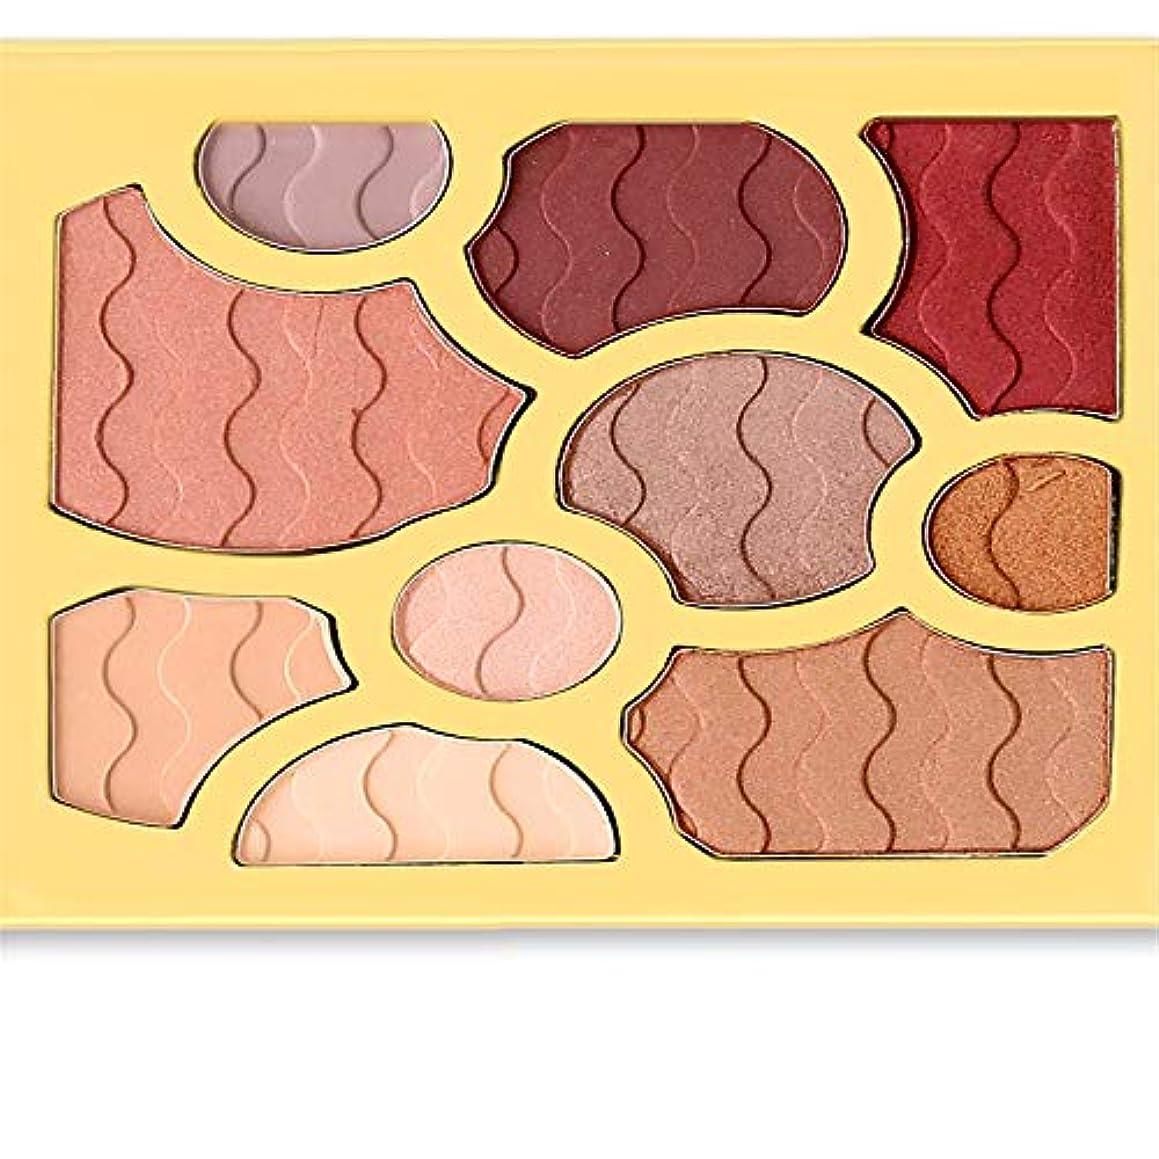 急速な保証知恵10色アイシャドウワインレッドプレートアイシャドウパウダーマット化粧品メイク